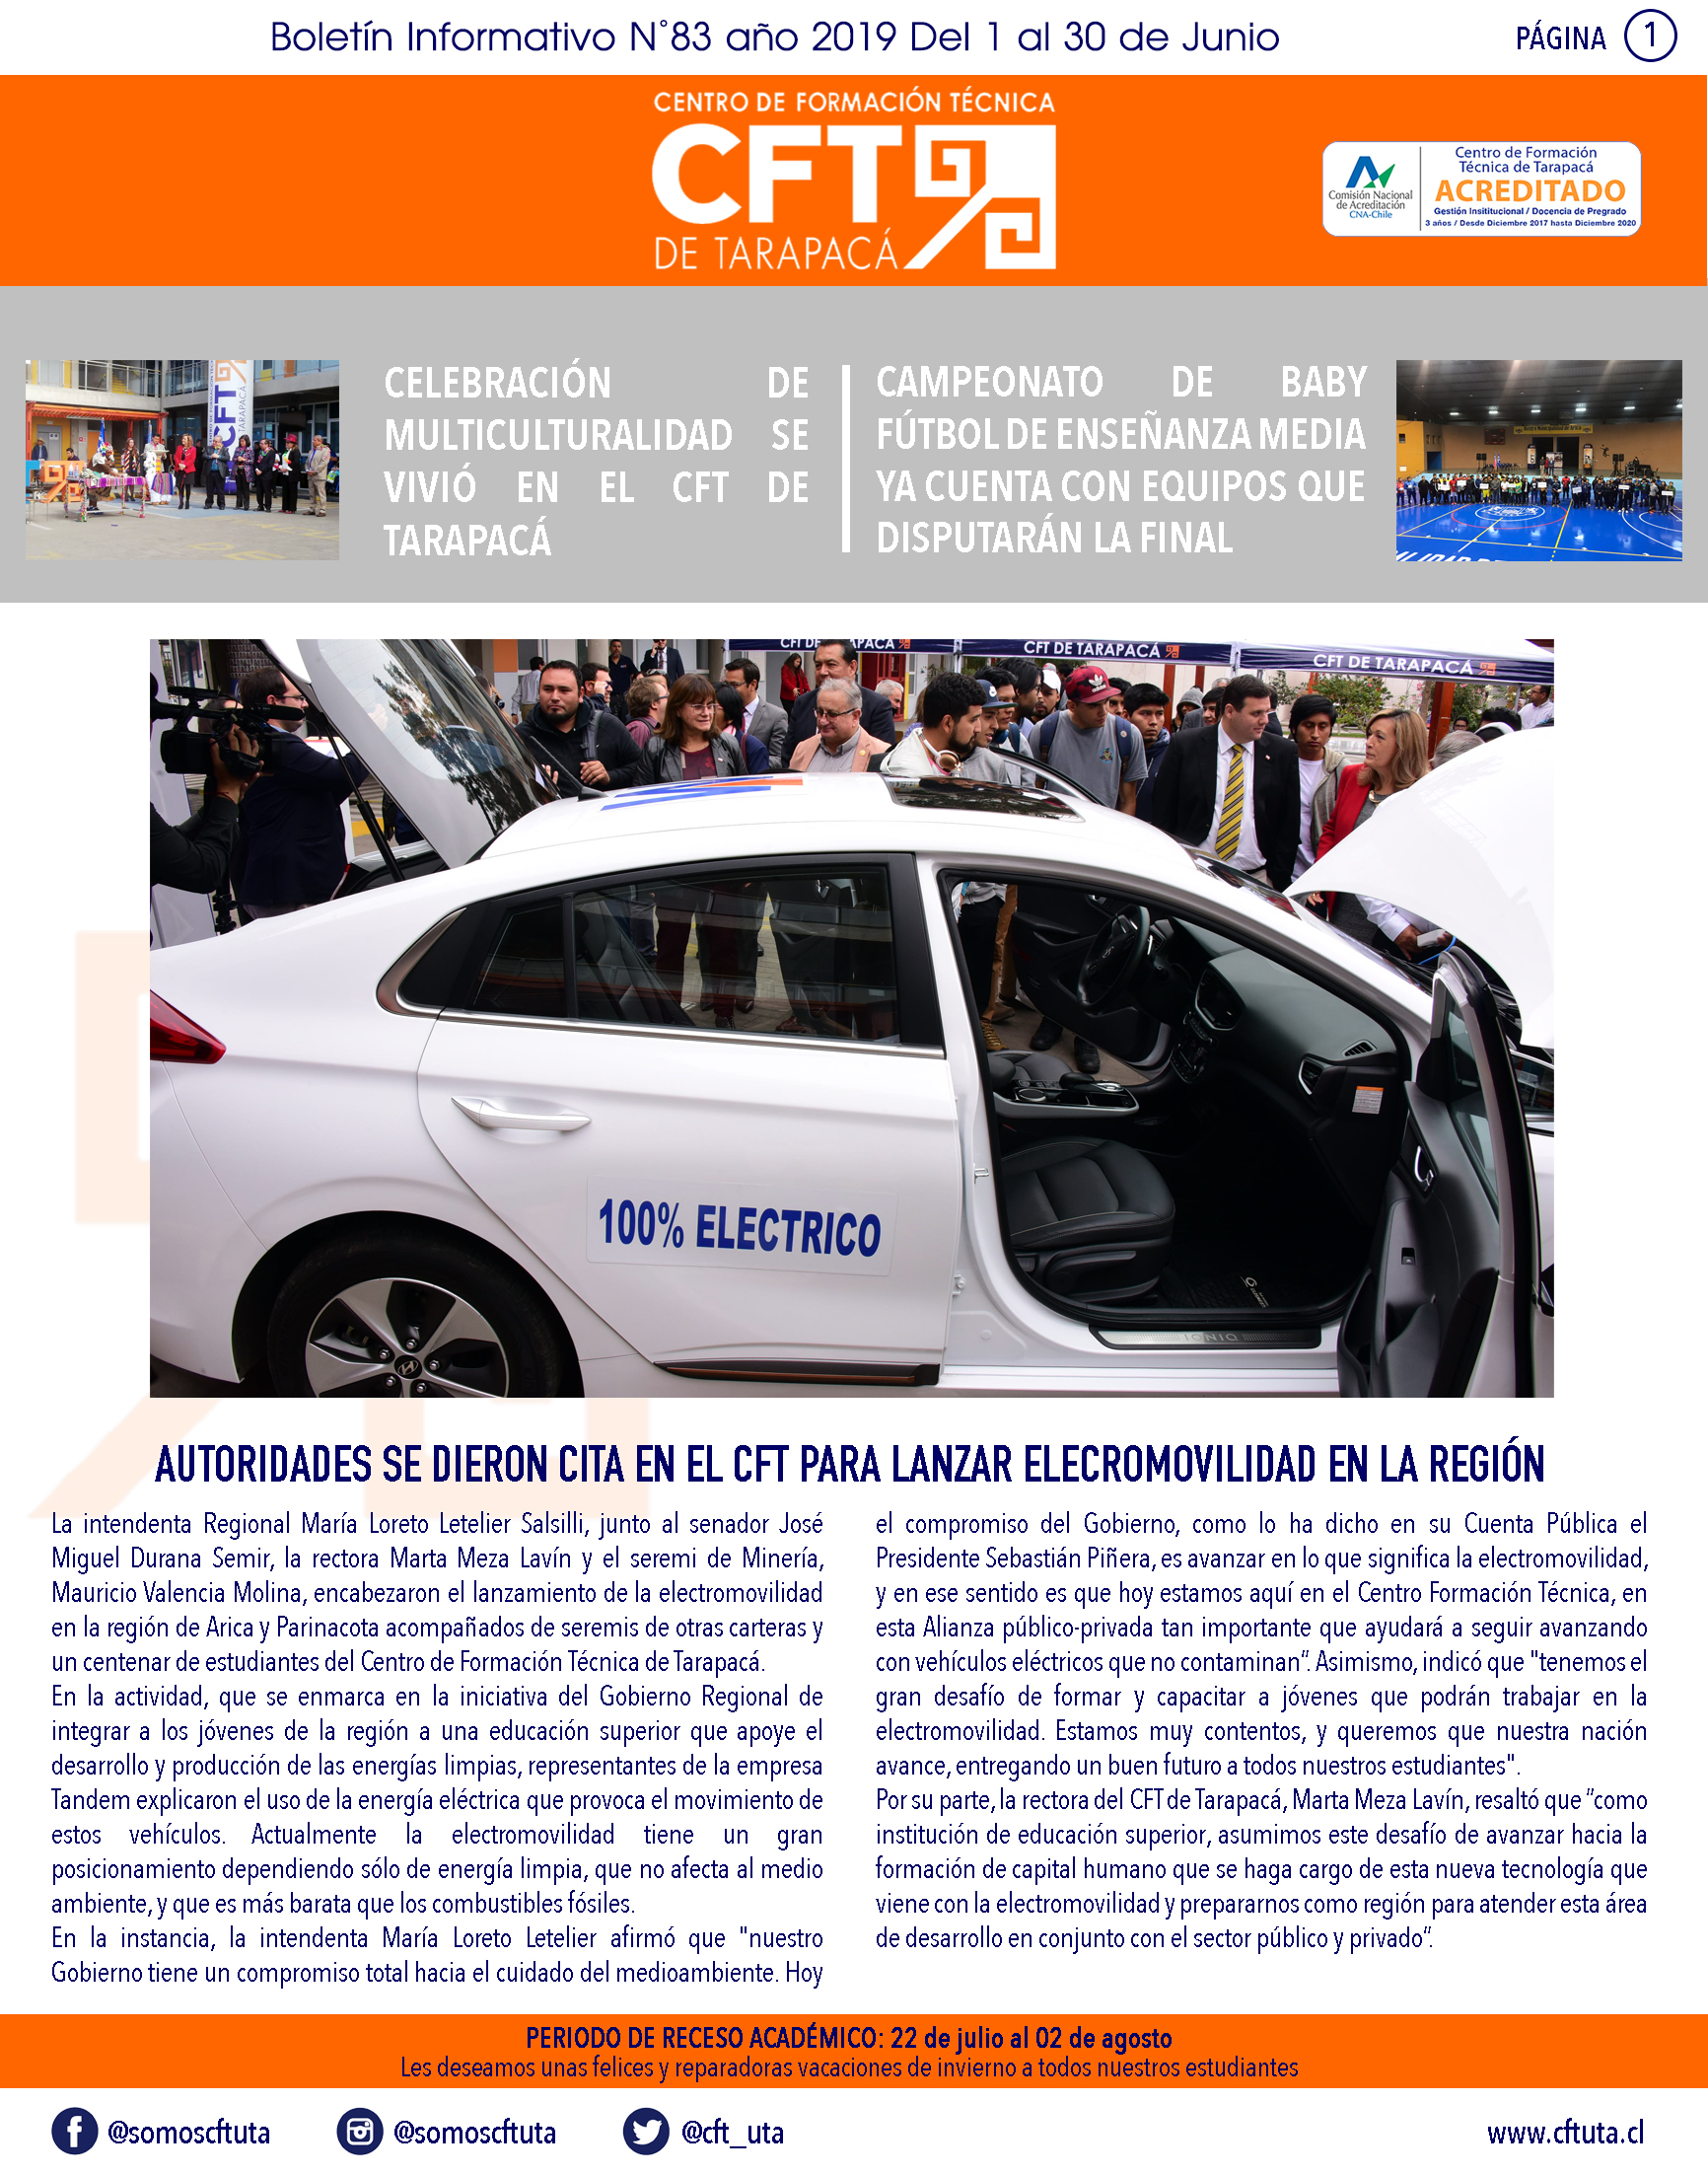 Boletín N°83 CFT de Tarapacá